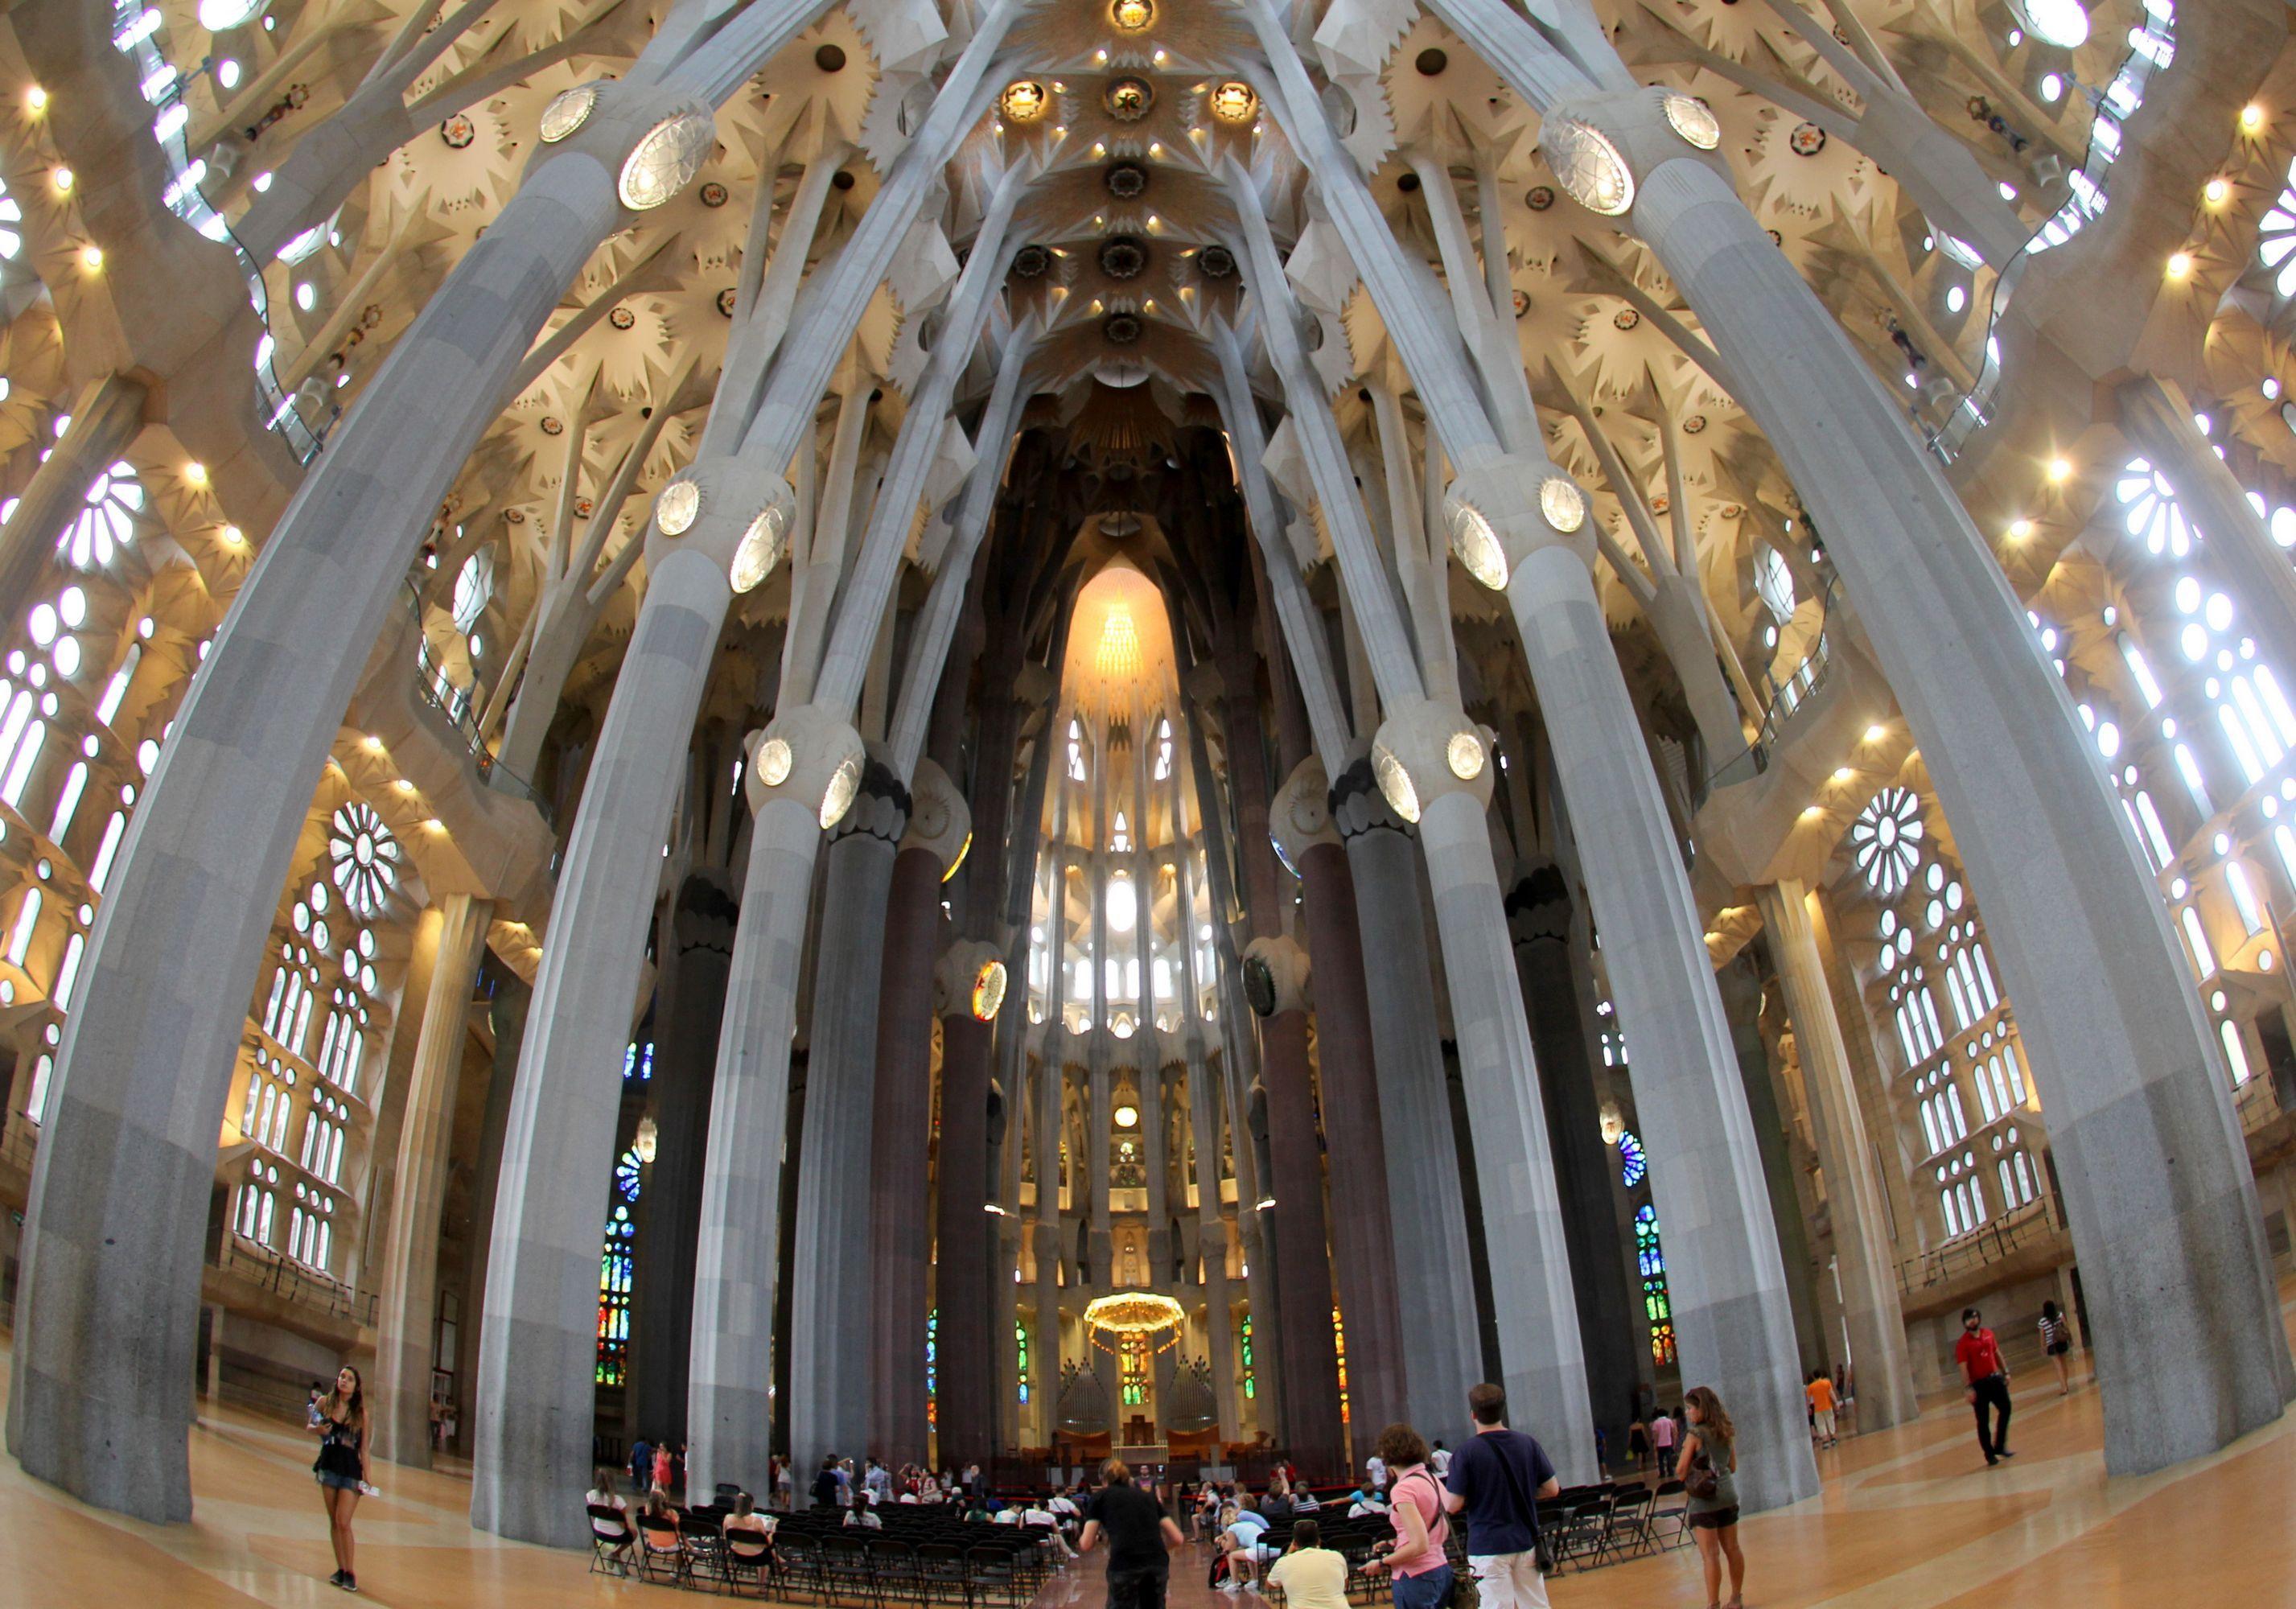 Interior del templo sagrada familia http arteameno for La sagrada familia church